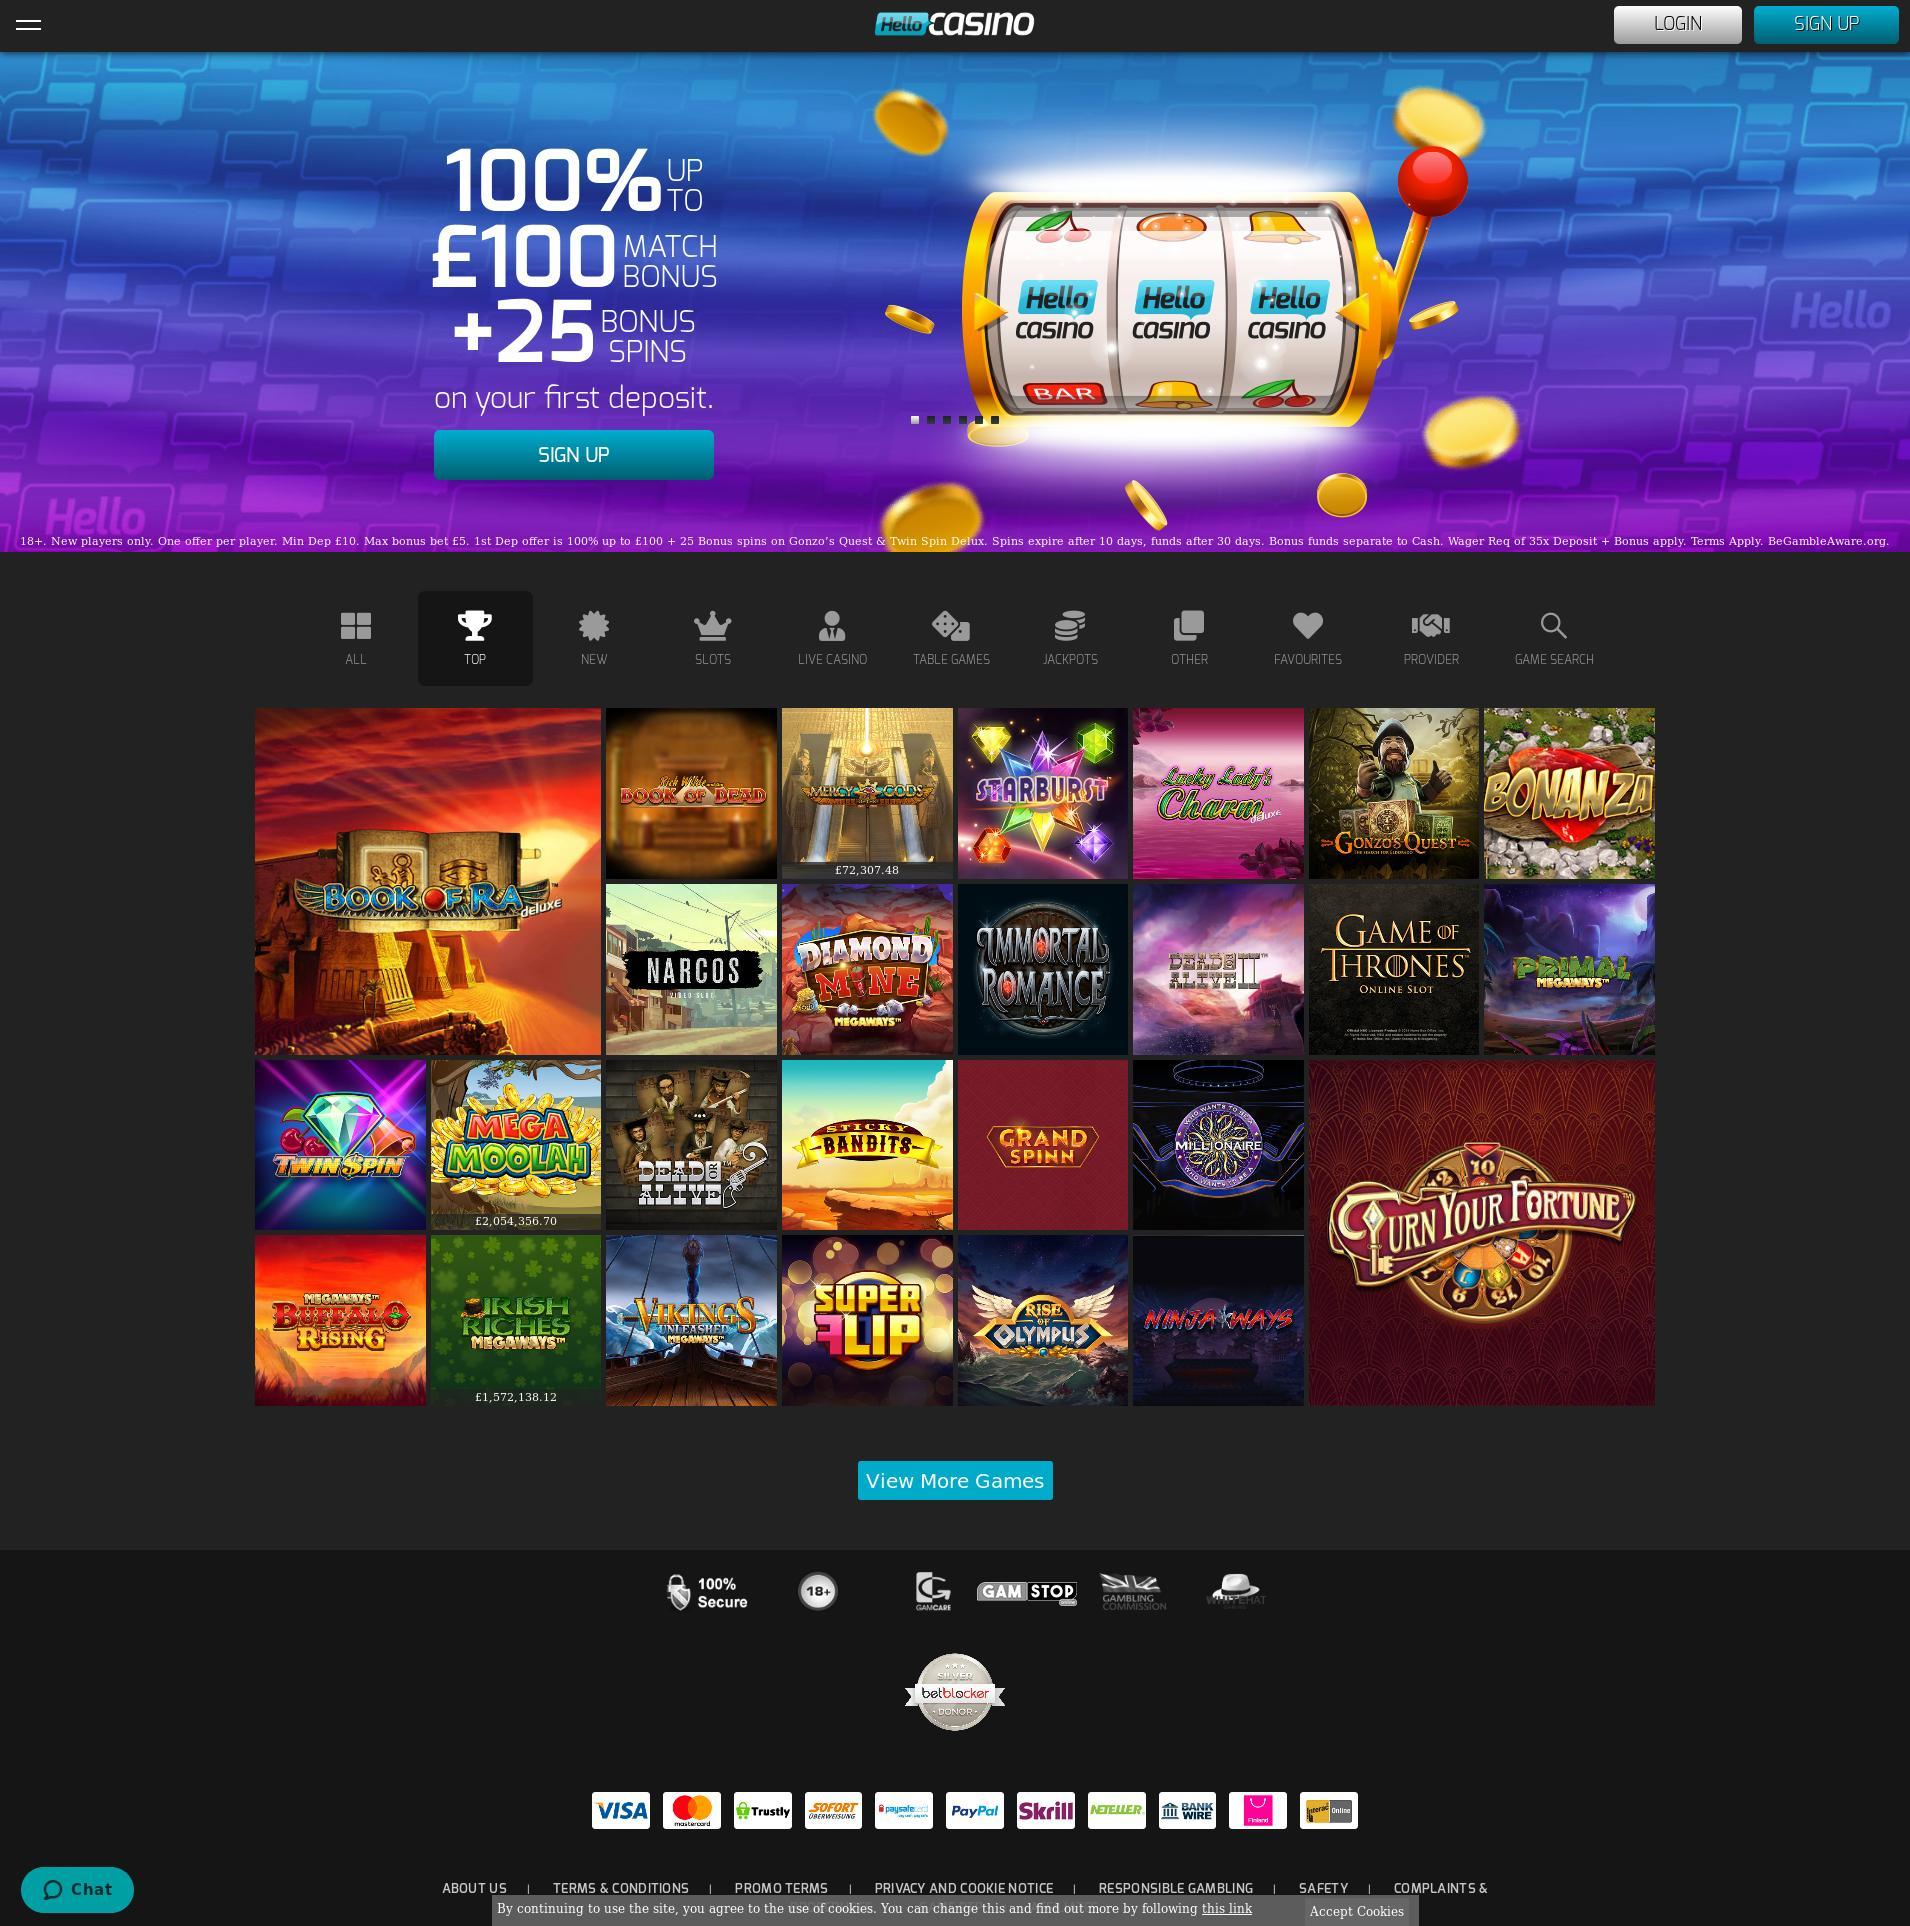 Casino skjerm Lobby 2020-05-28 til Storbritannia